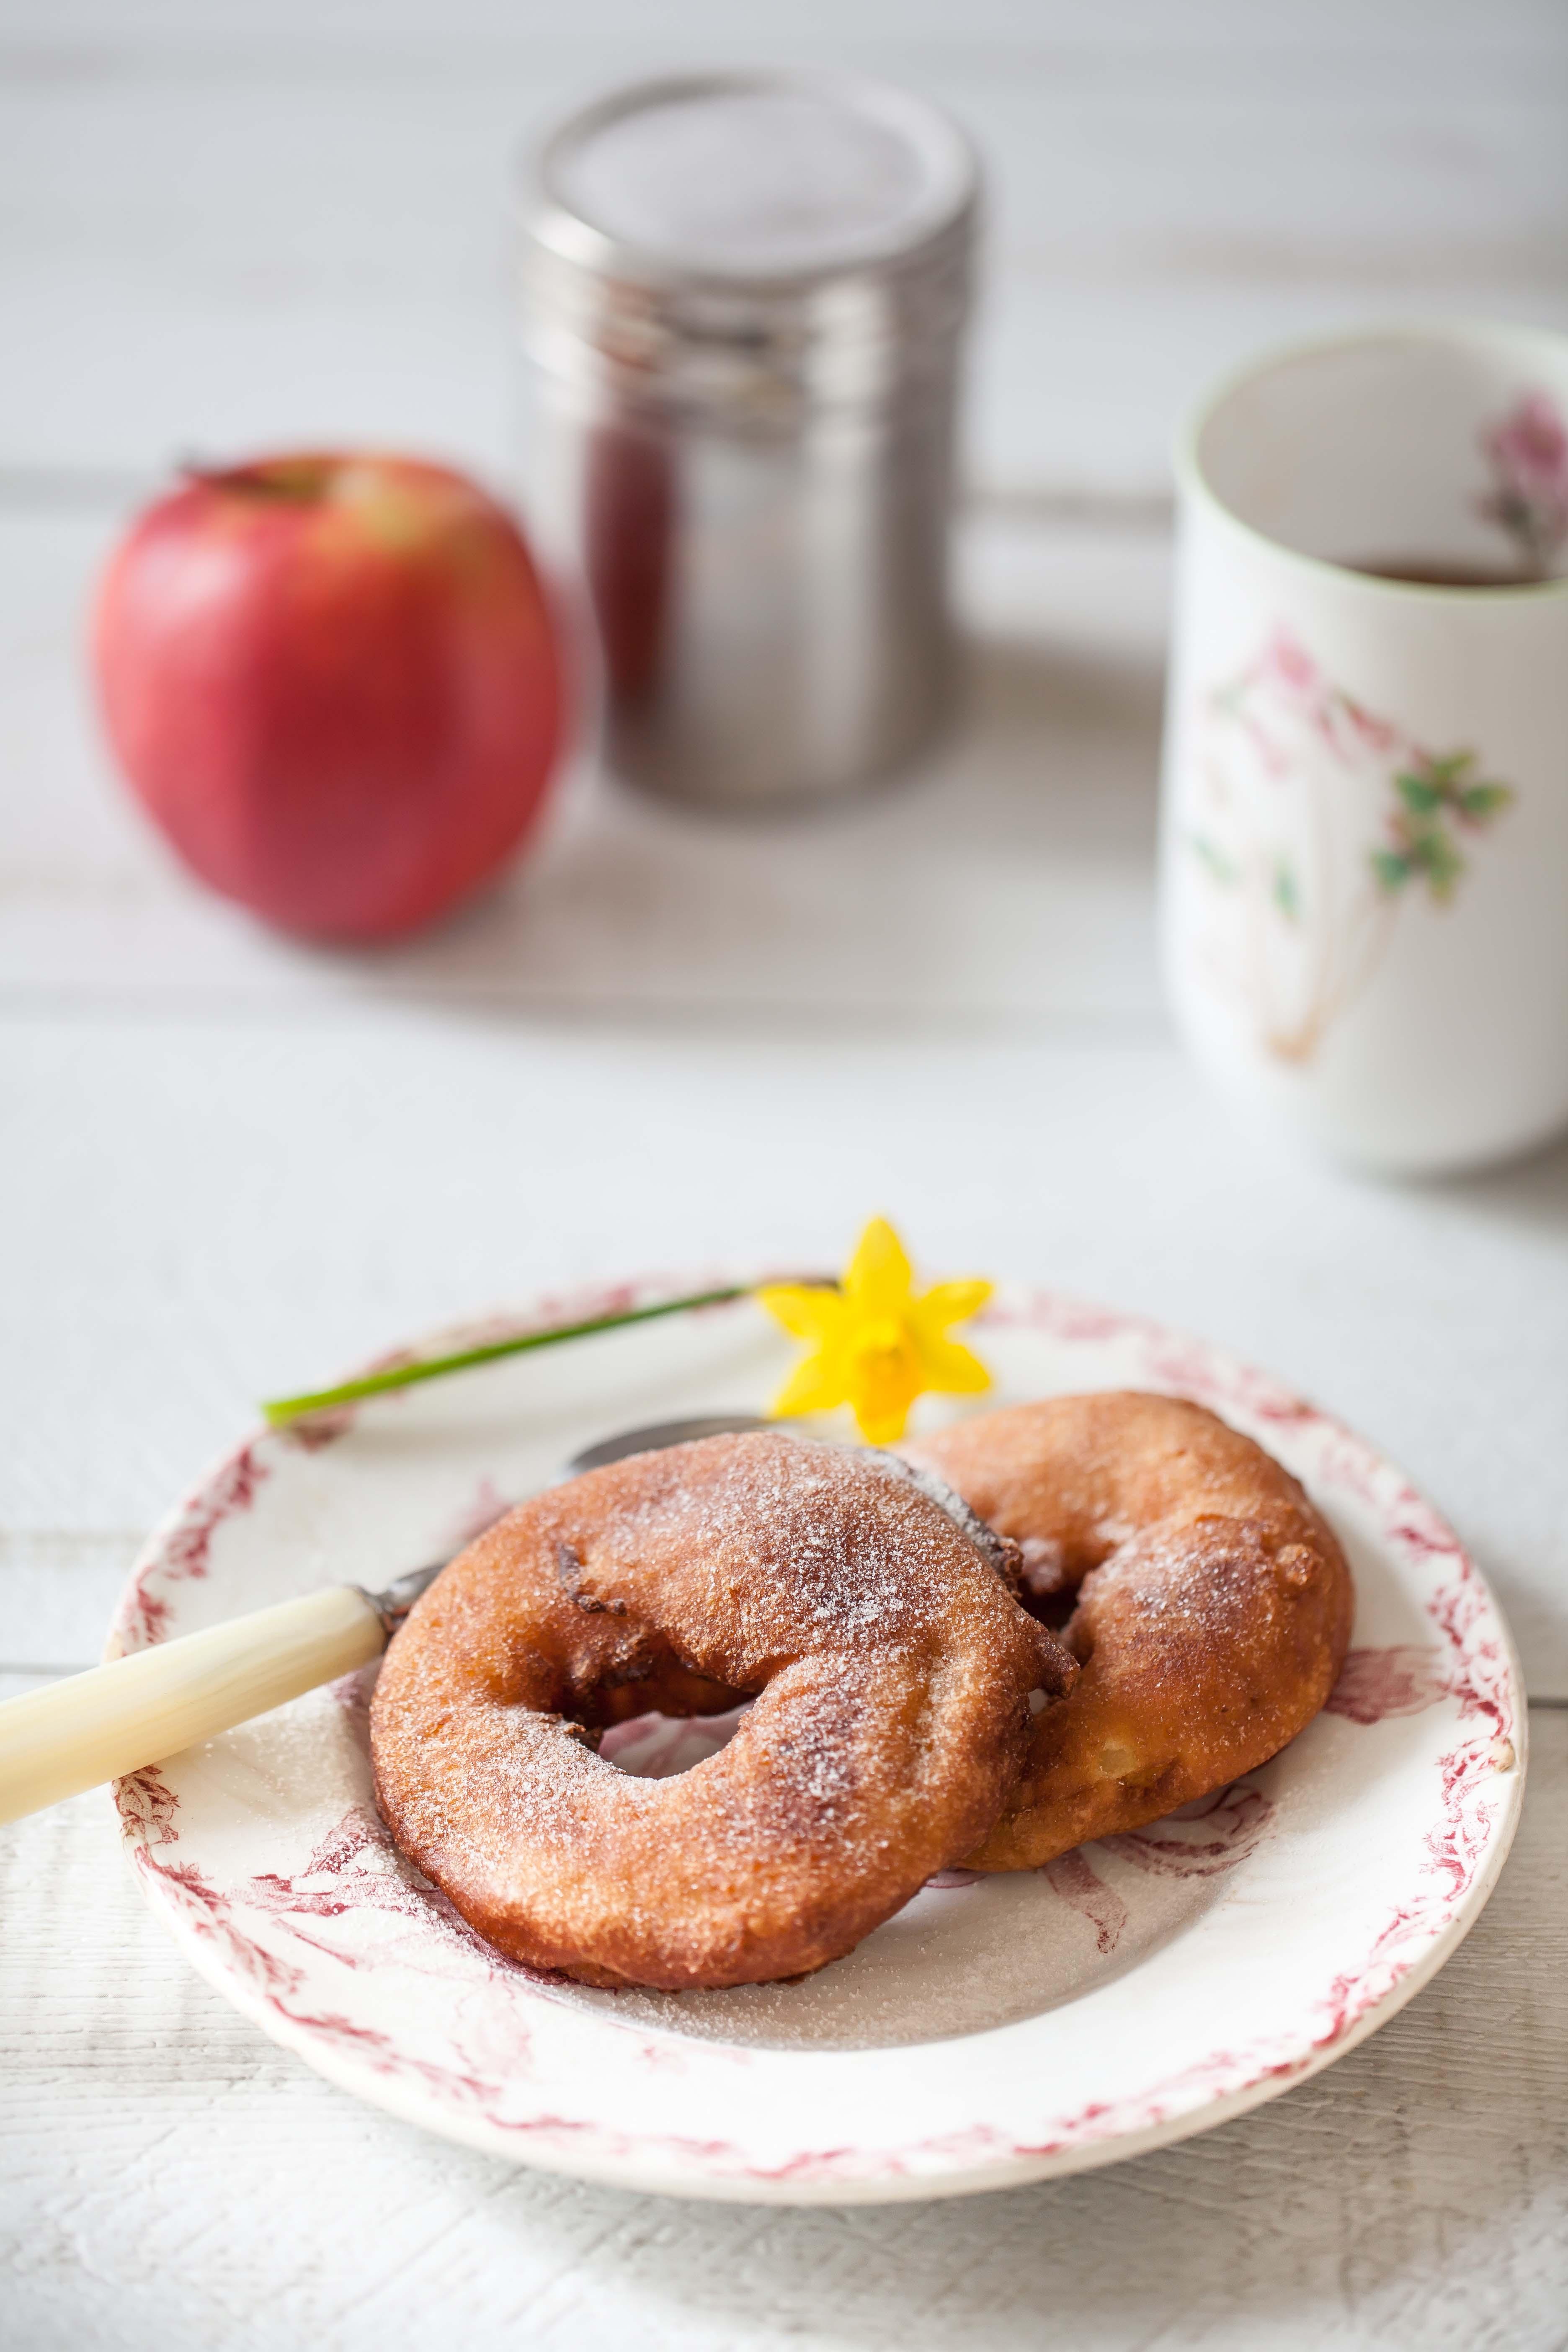 La recette facile des beignets de pommes à la levure de boulanger